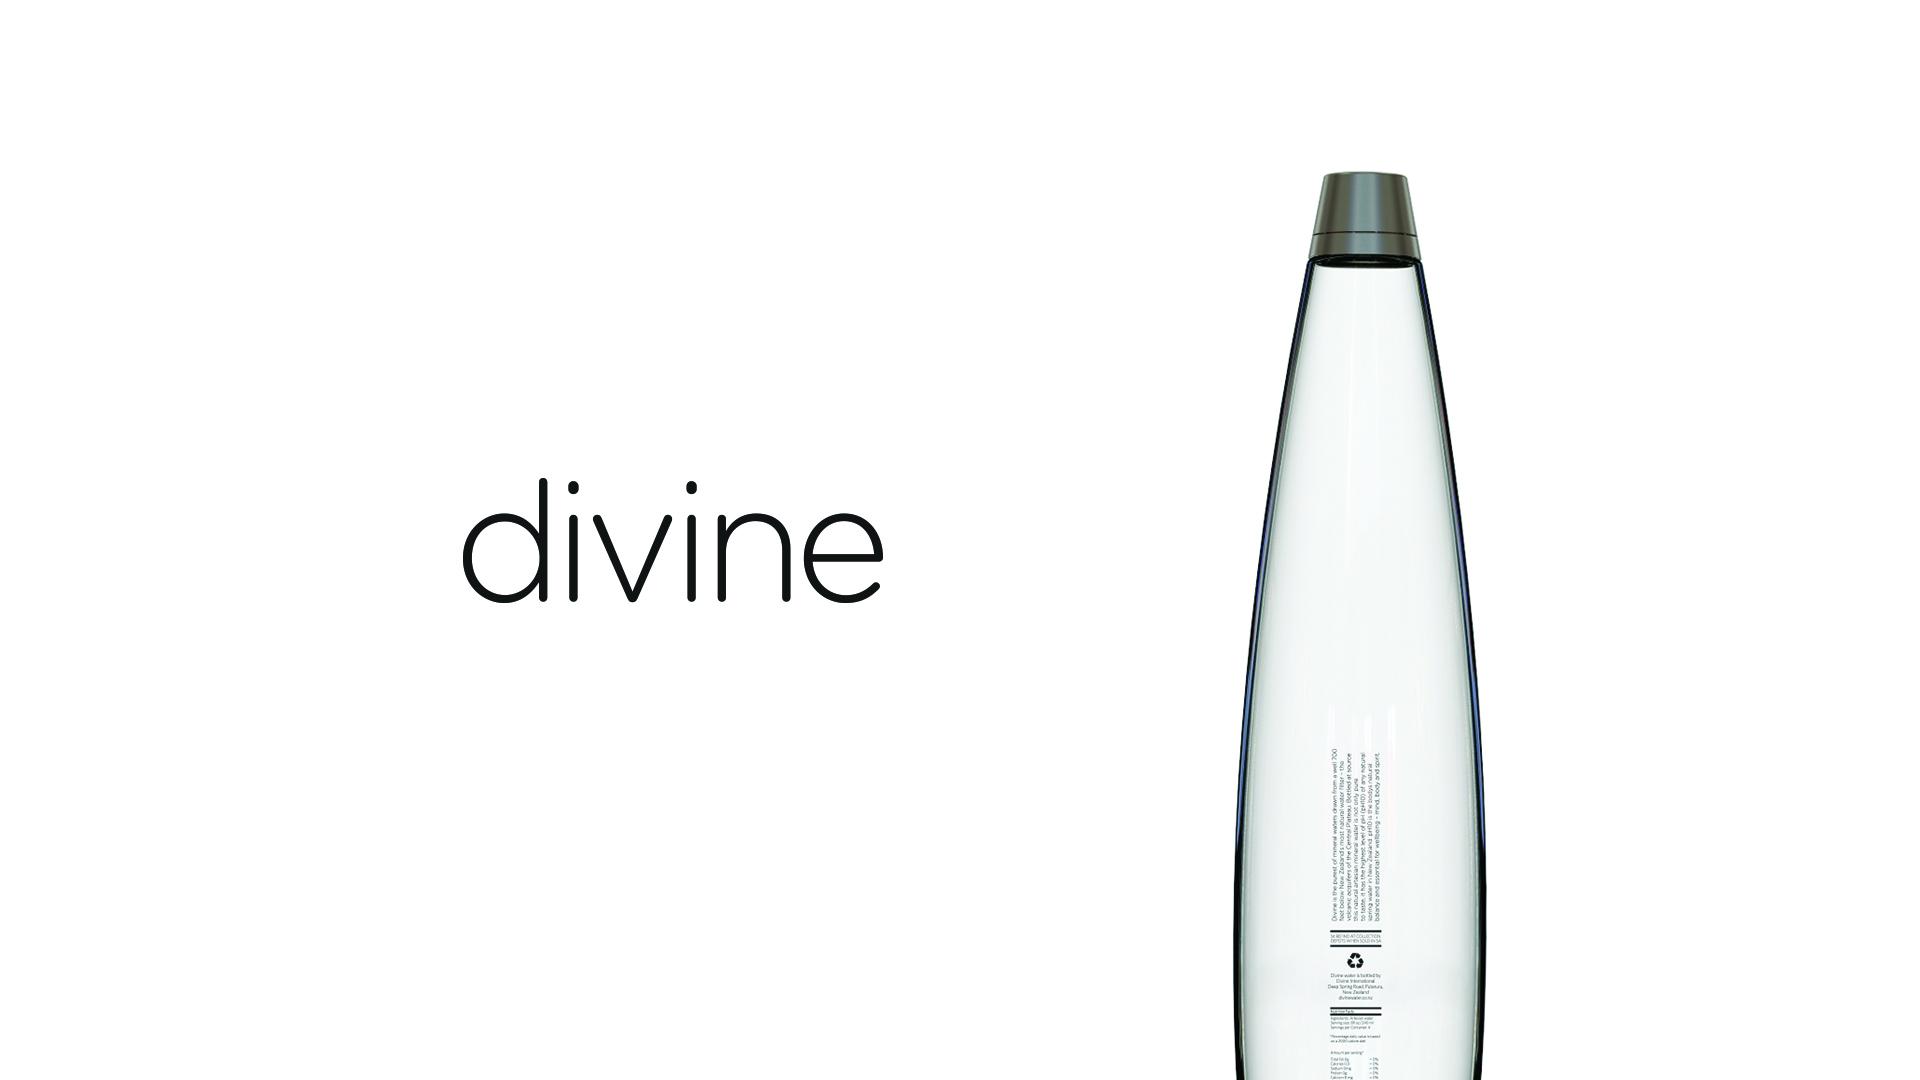 Divine Water Bottle 1920x1080 05.jpg